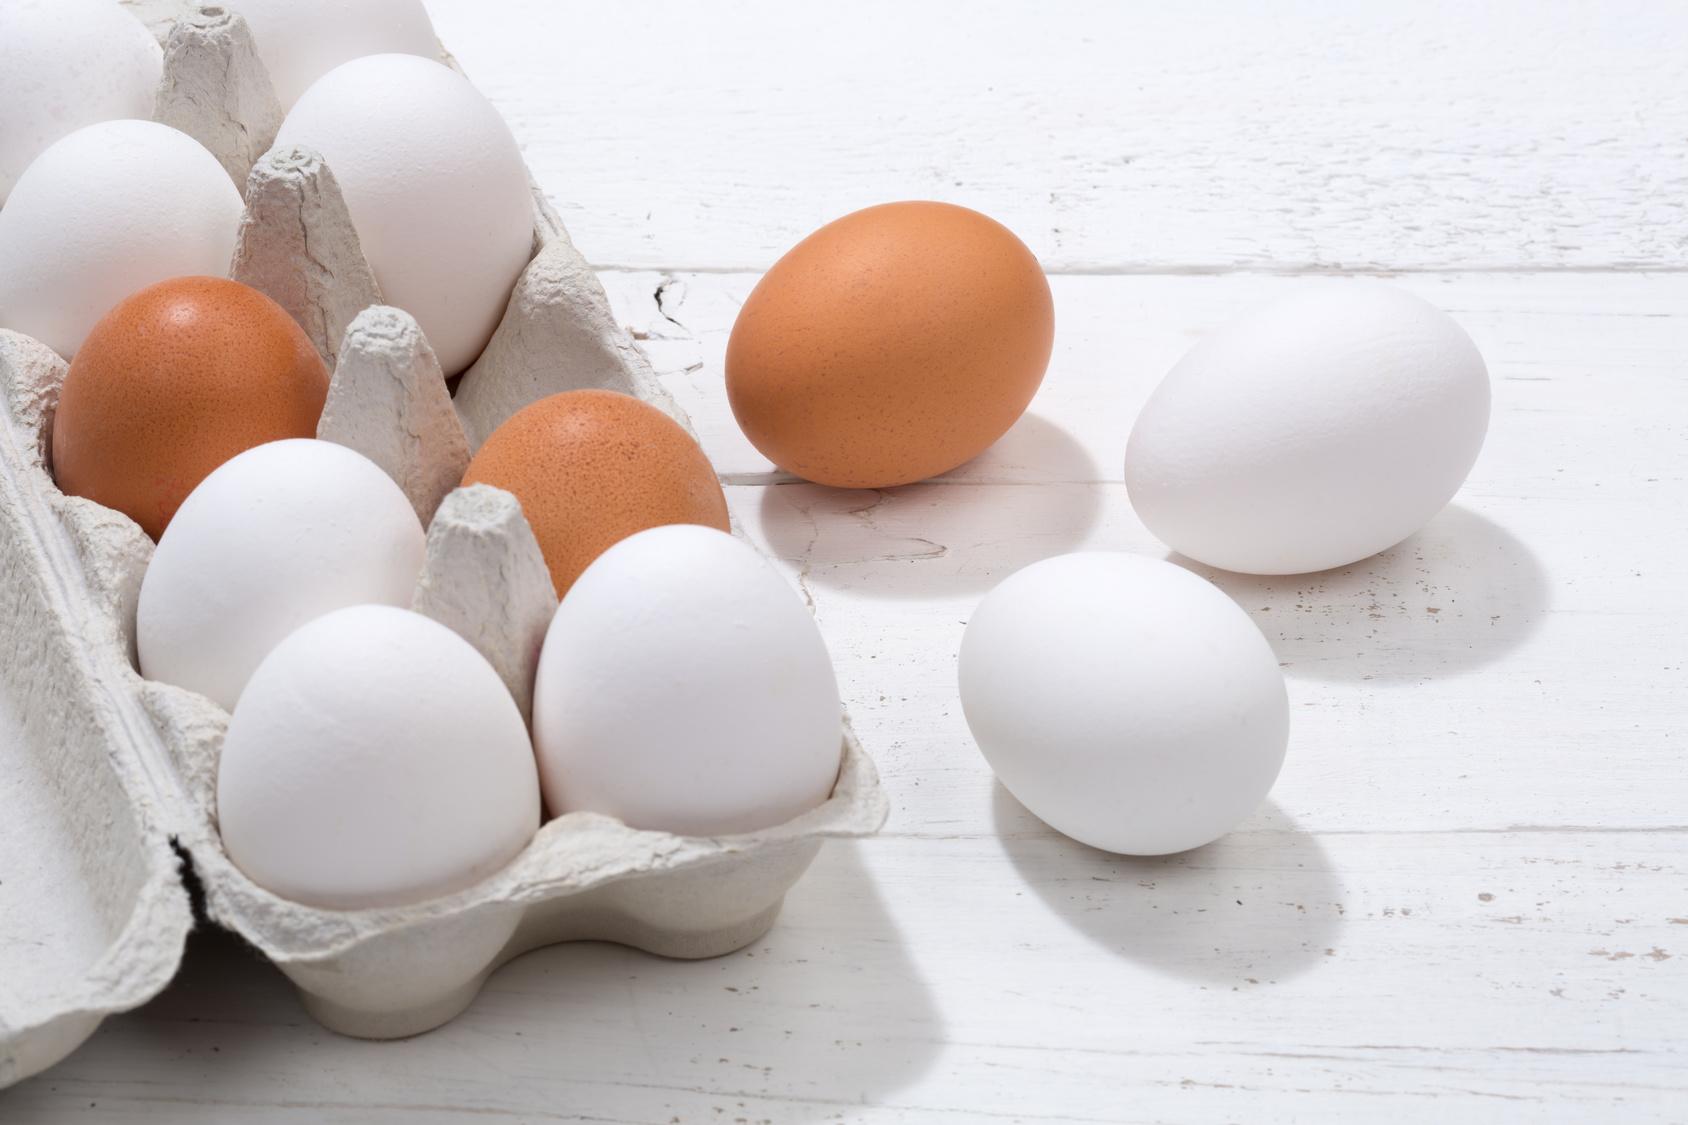 Aldi zieht Eier aus dem Verkehr